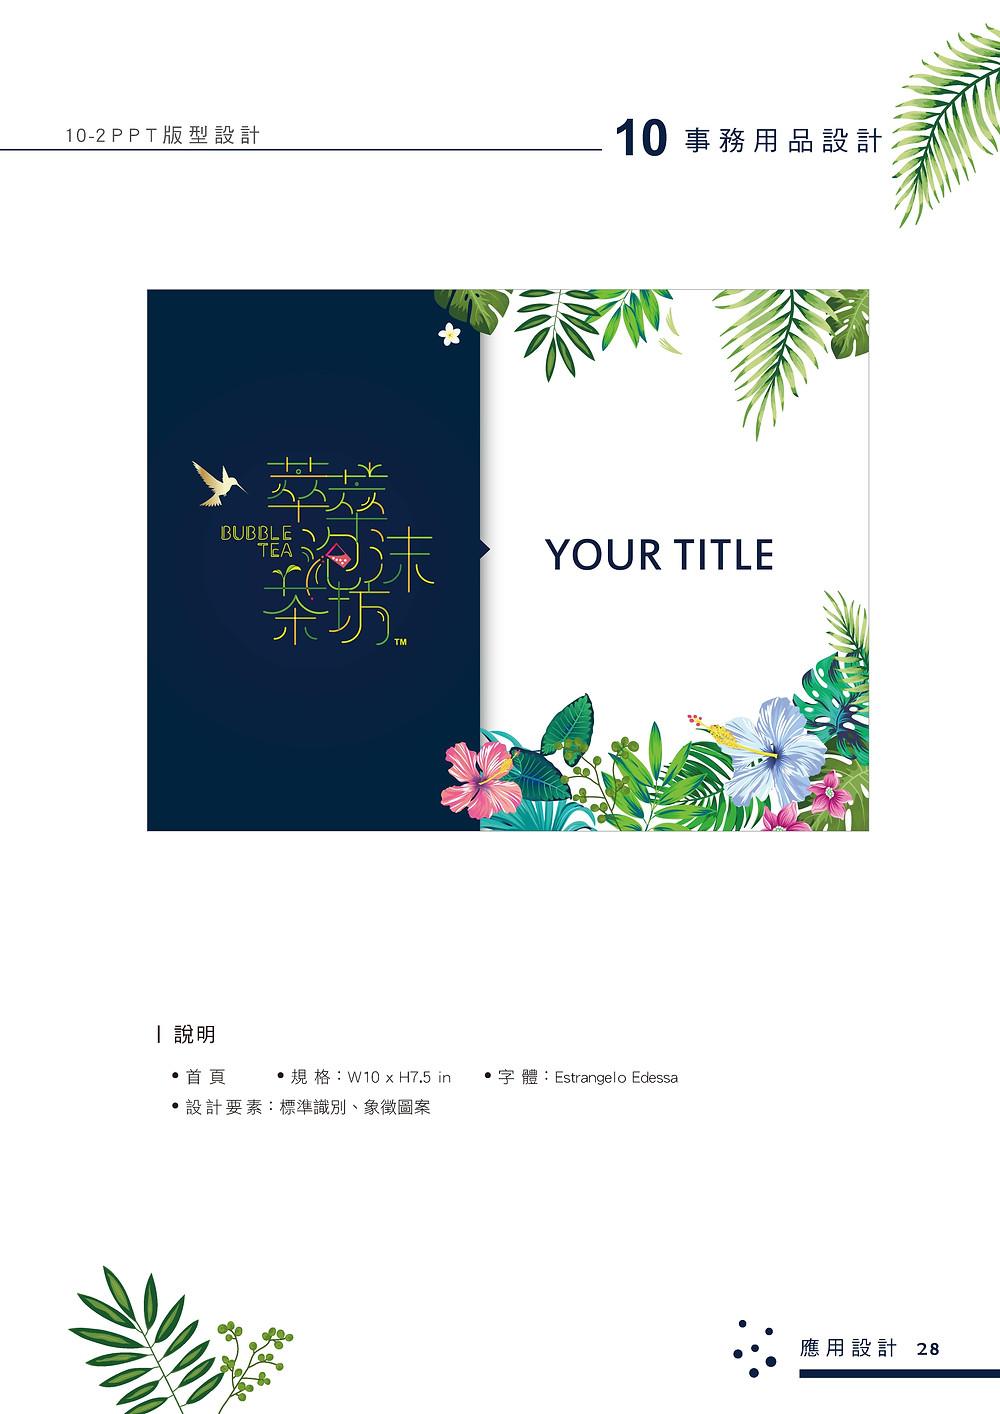 萃萃泡沫茶坊 品牌識別系統手冊 PPT版型設計